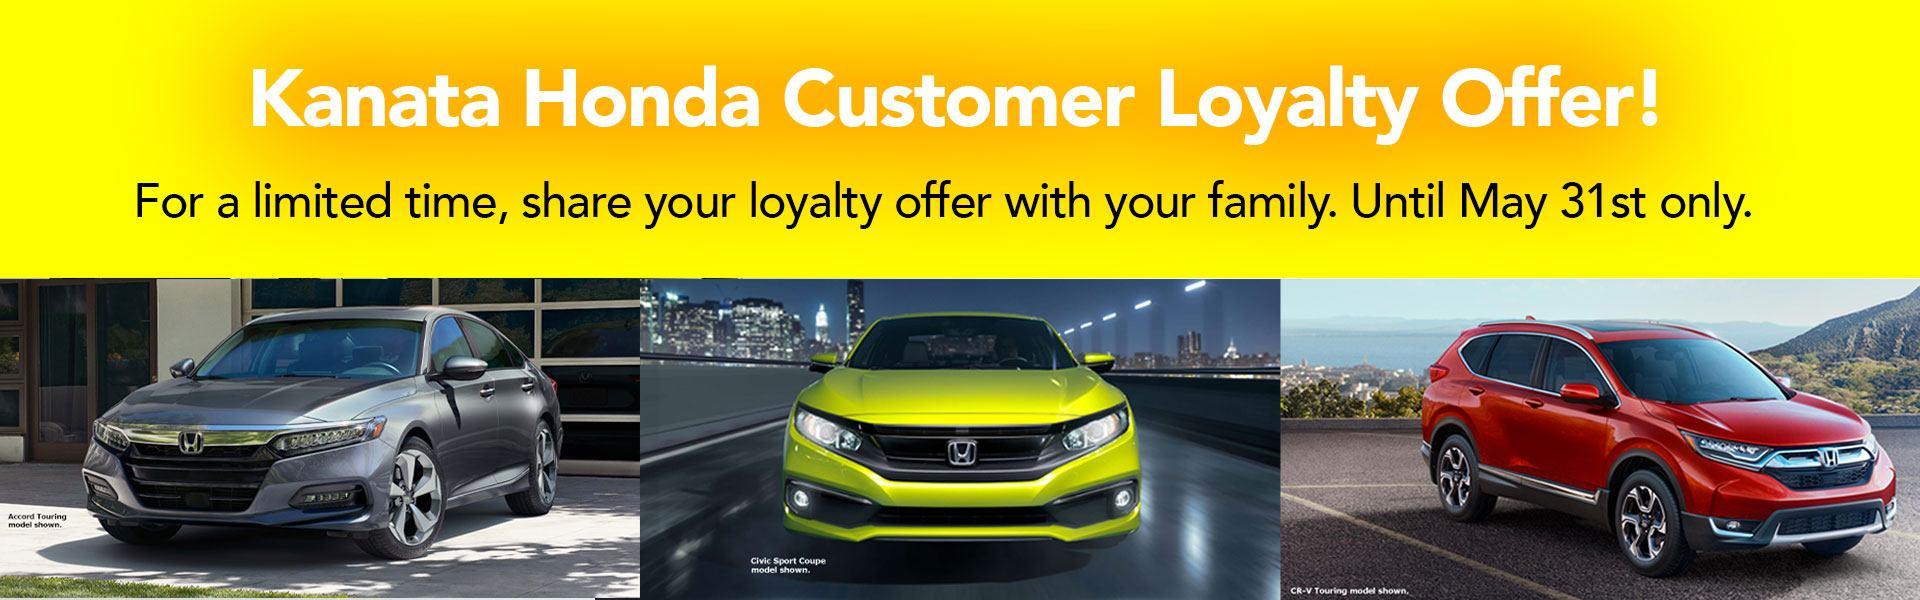 Customer Loyalty Offer